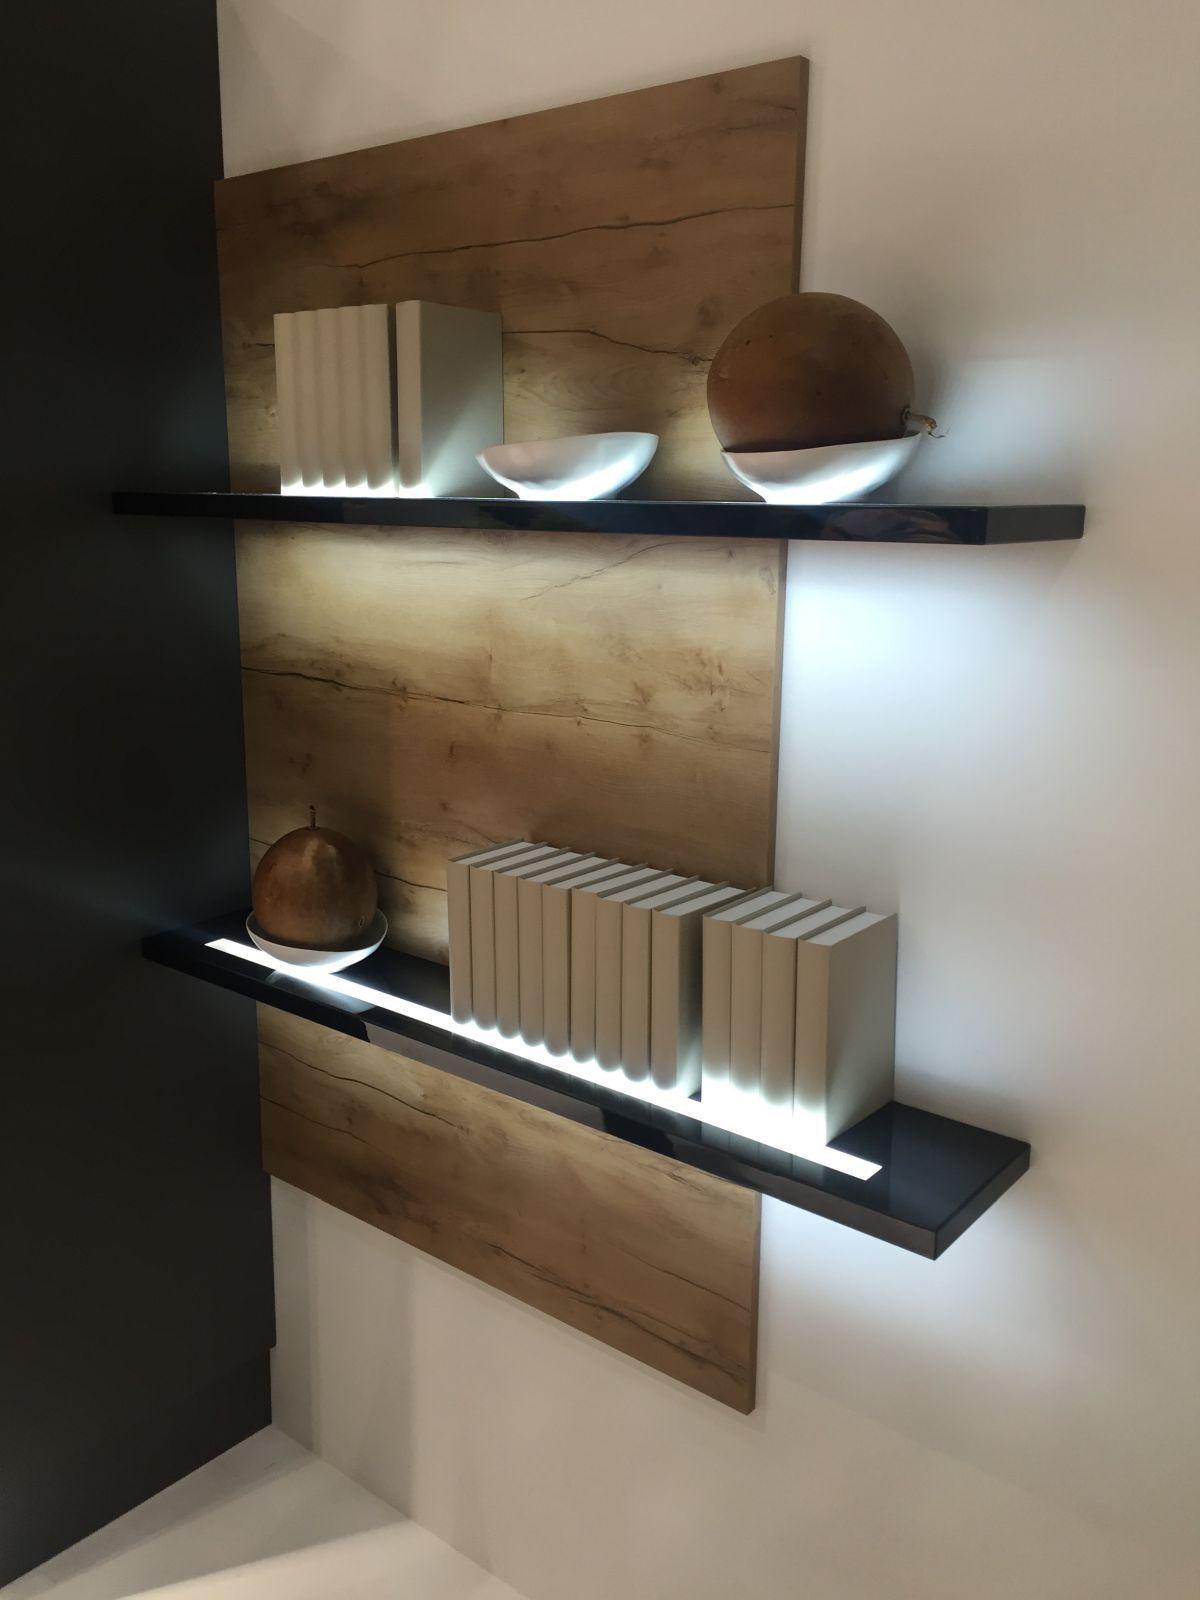 Floating Shelves With Led Light Jpg 1200 1600 Floating Shelves With Lights Floating Wall Shelves Rustic Floating Shelves